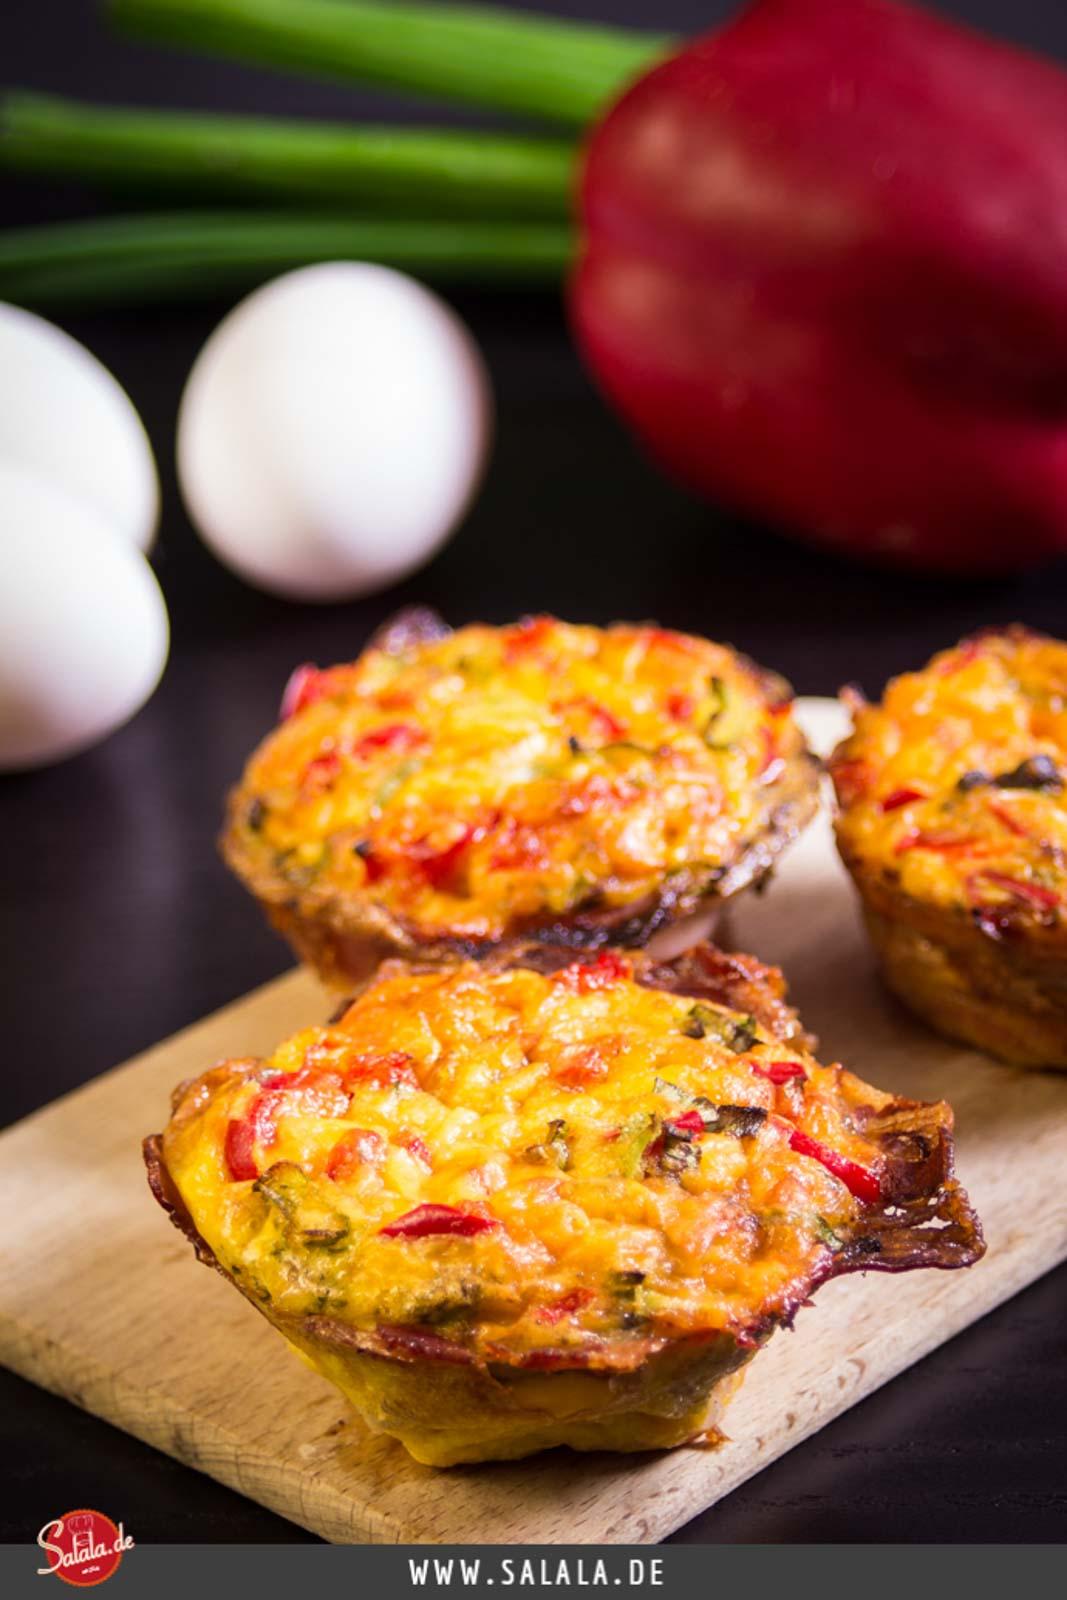 Leckere Frühstücksmuffins Low Carb ideal zum Vorbereiten für's Frühstück. Rezept ohne Mehl und demnach glutenfrei.